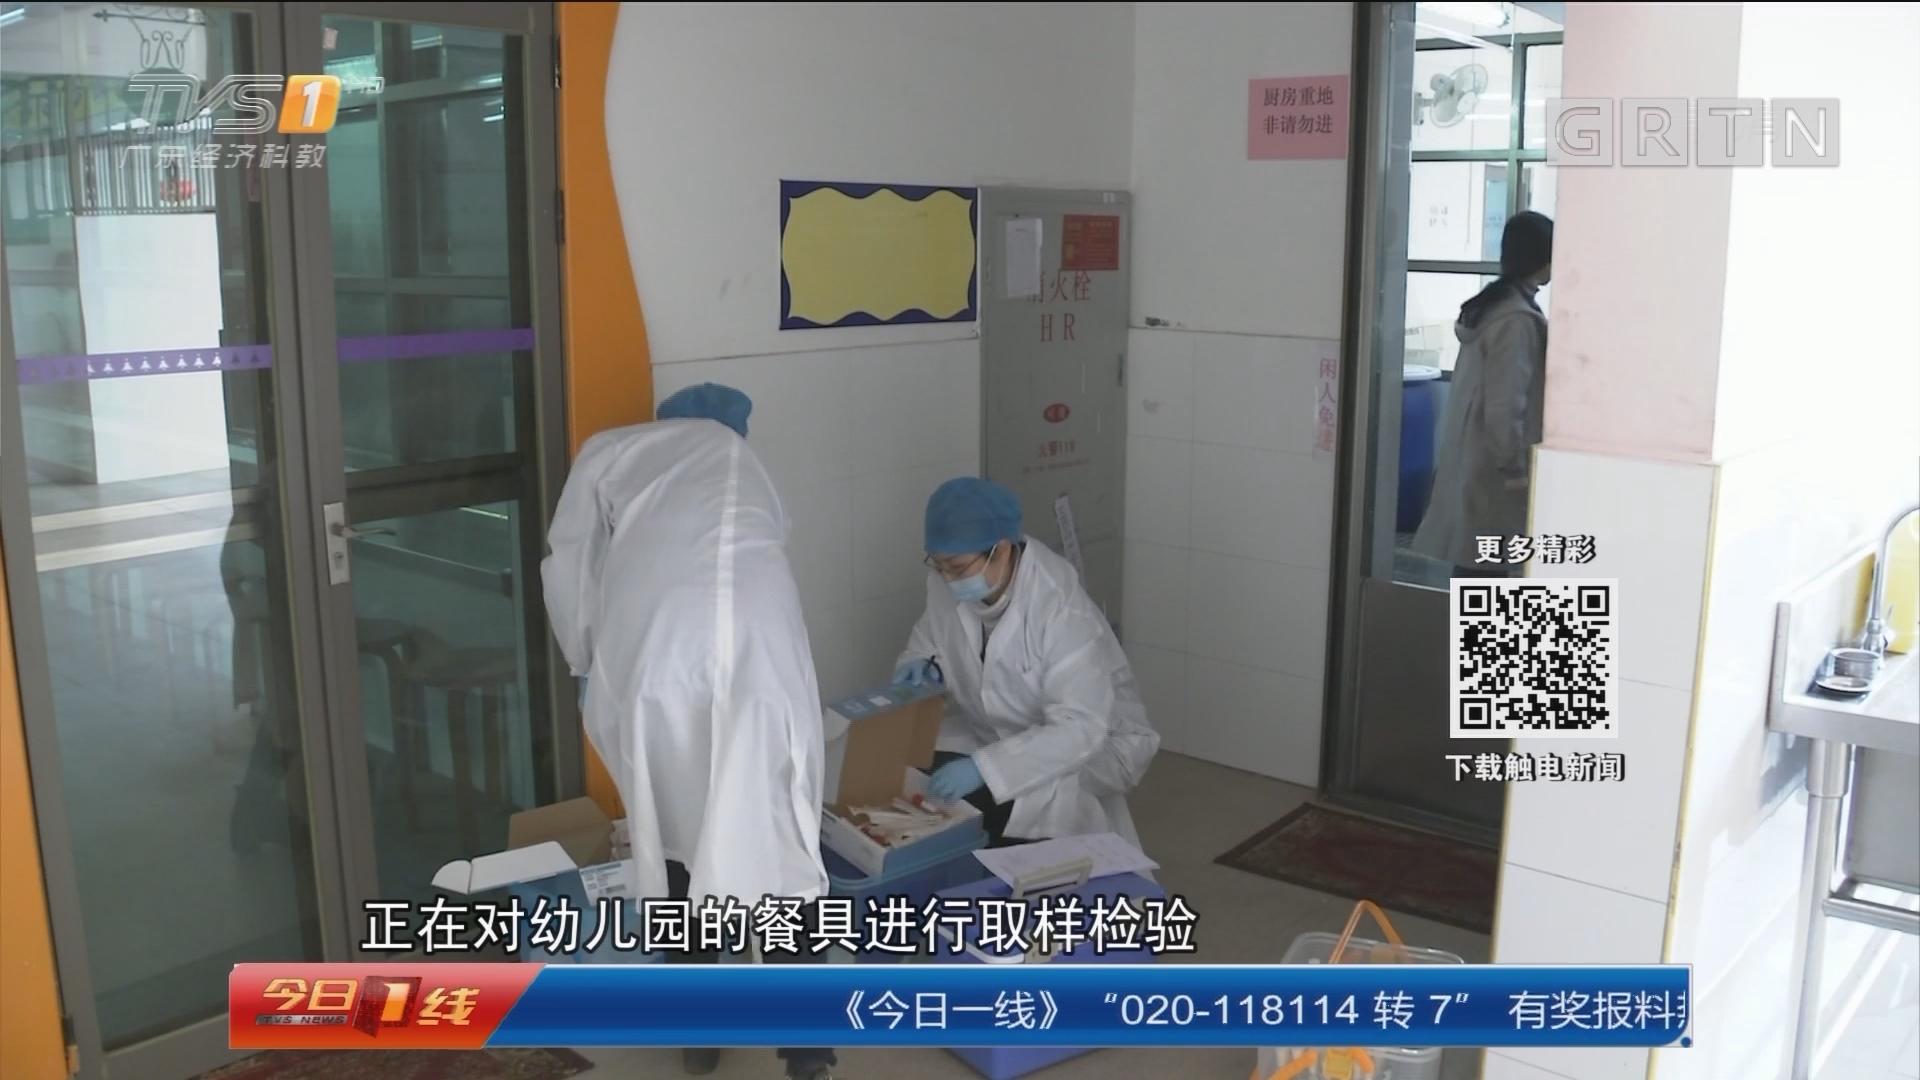 广州番禺:多名儿童呕吐腹泻 食药监发通报